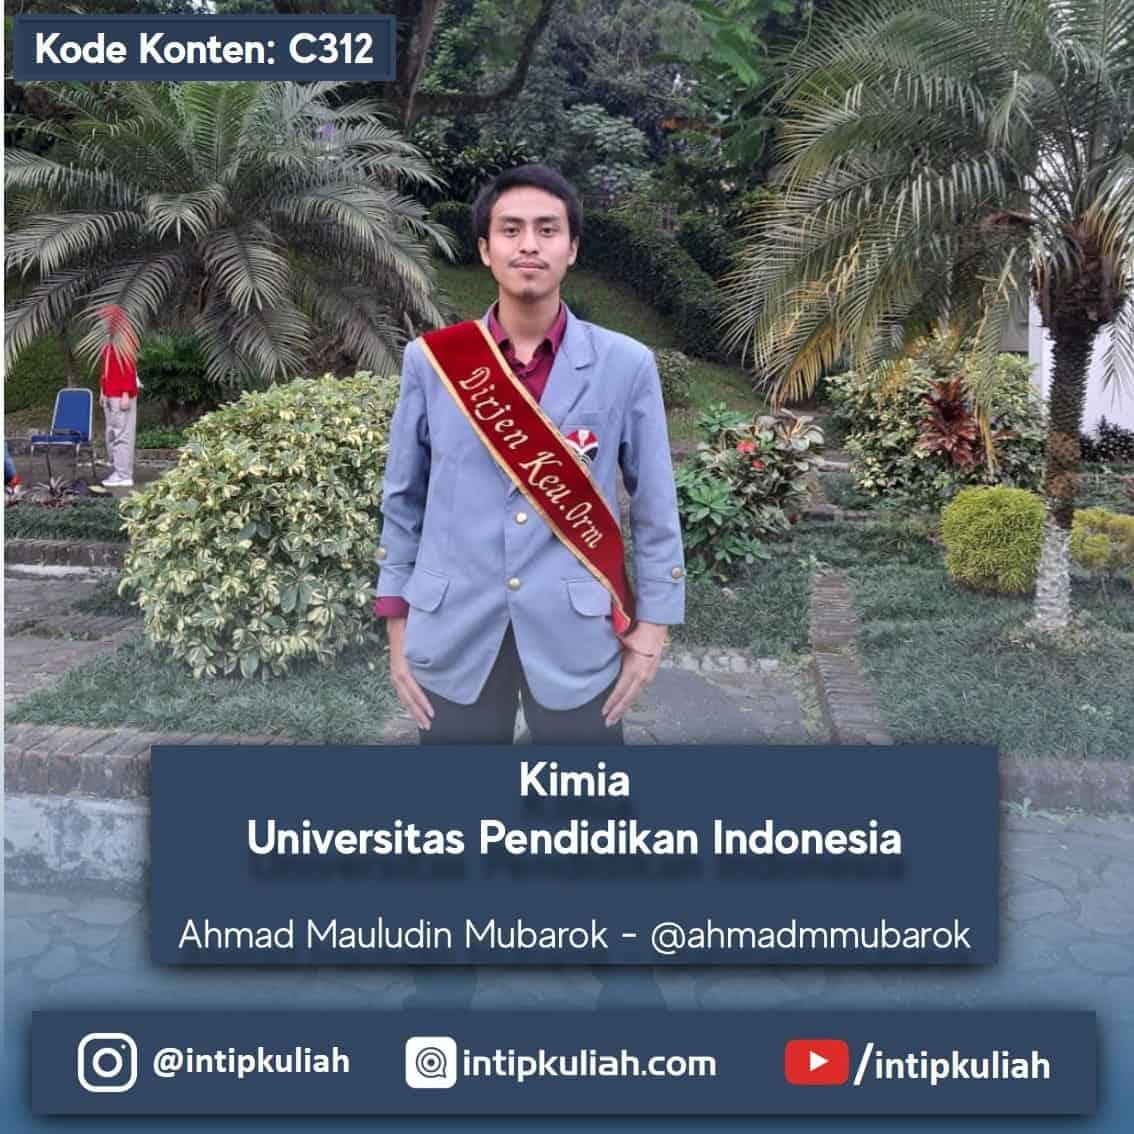 Kimia Universitas Pendidikan Indonesia (Ahmad)